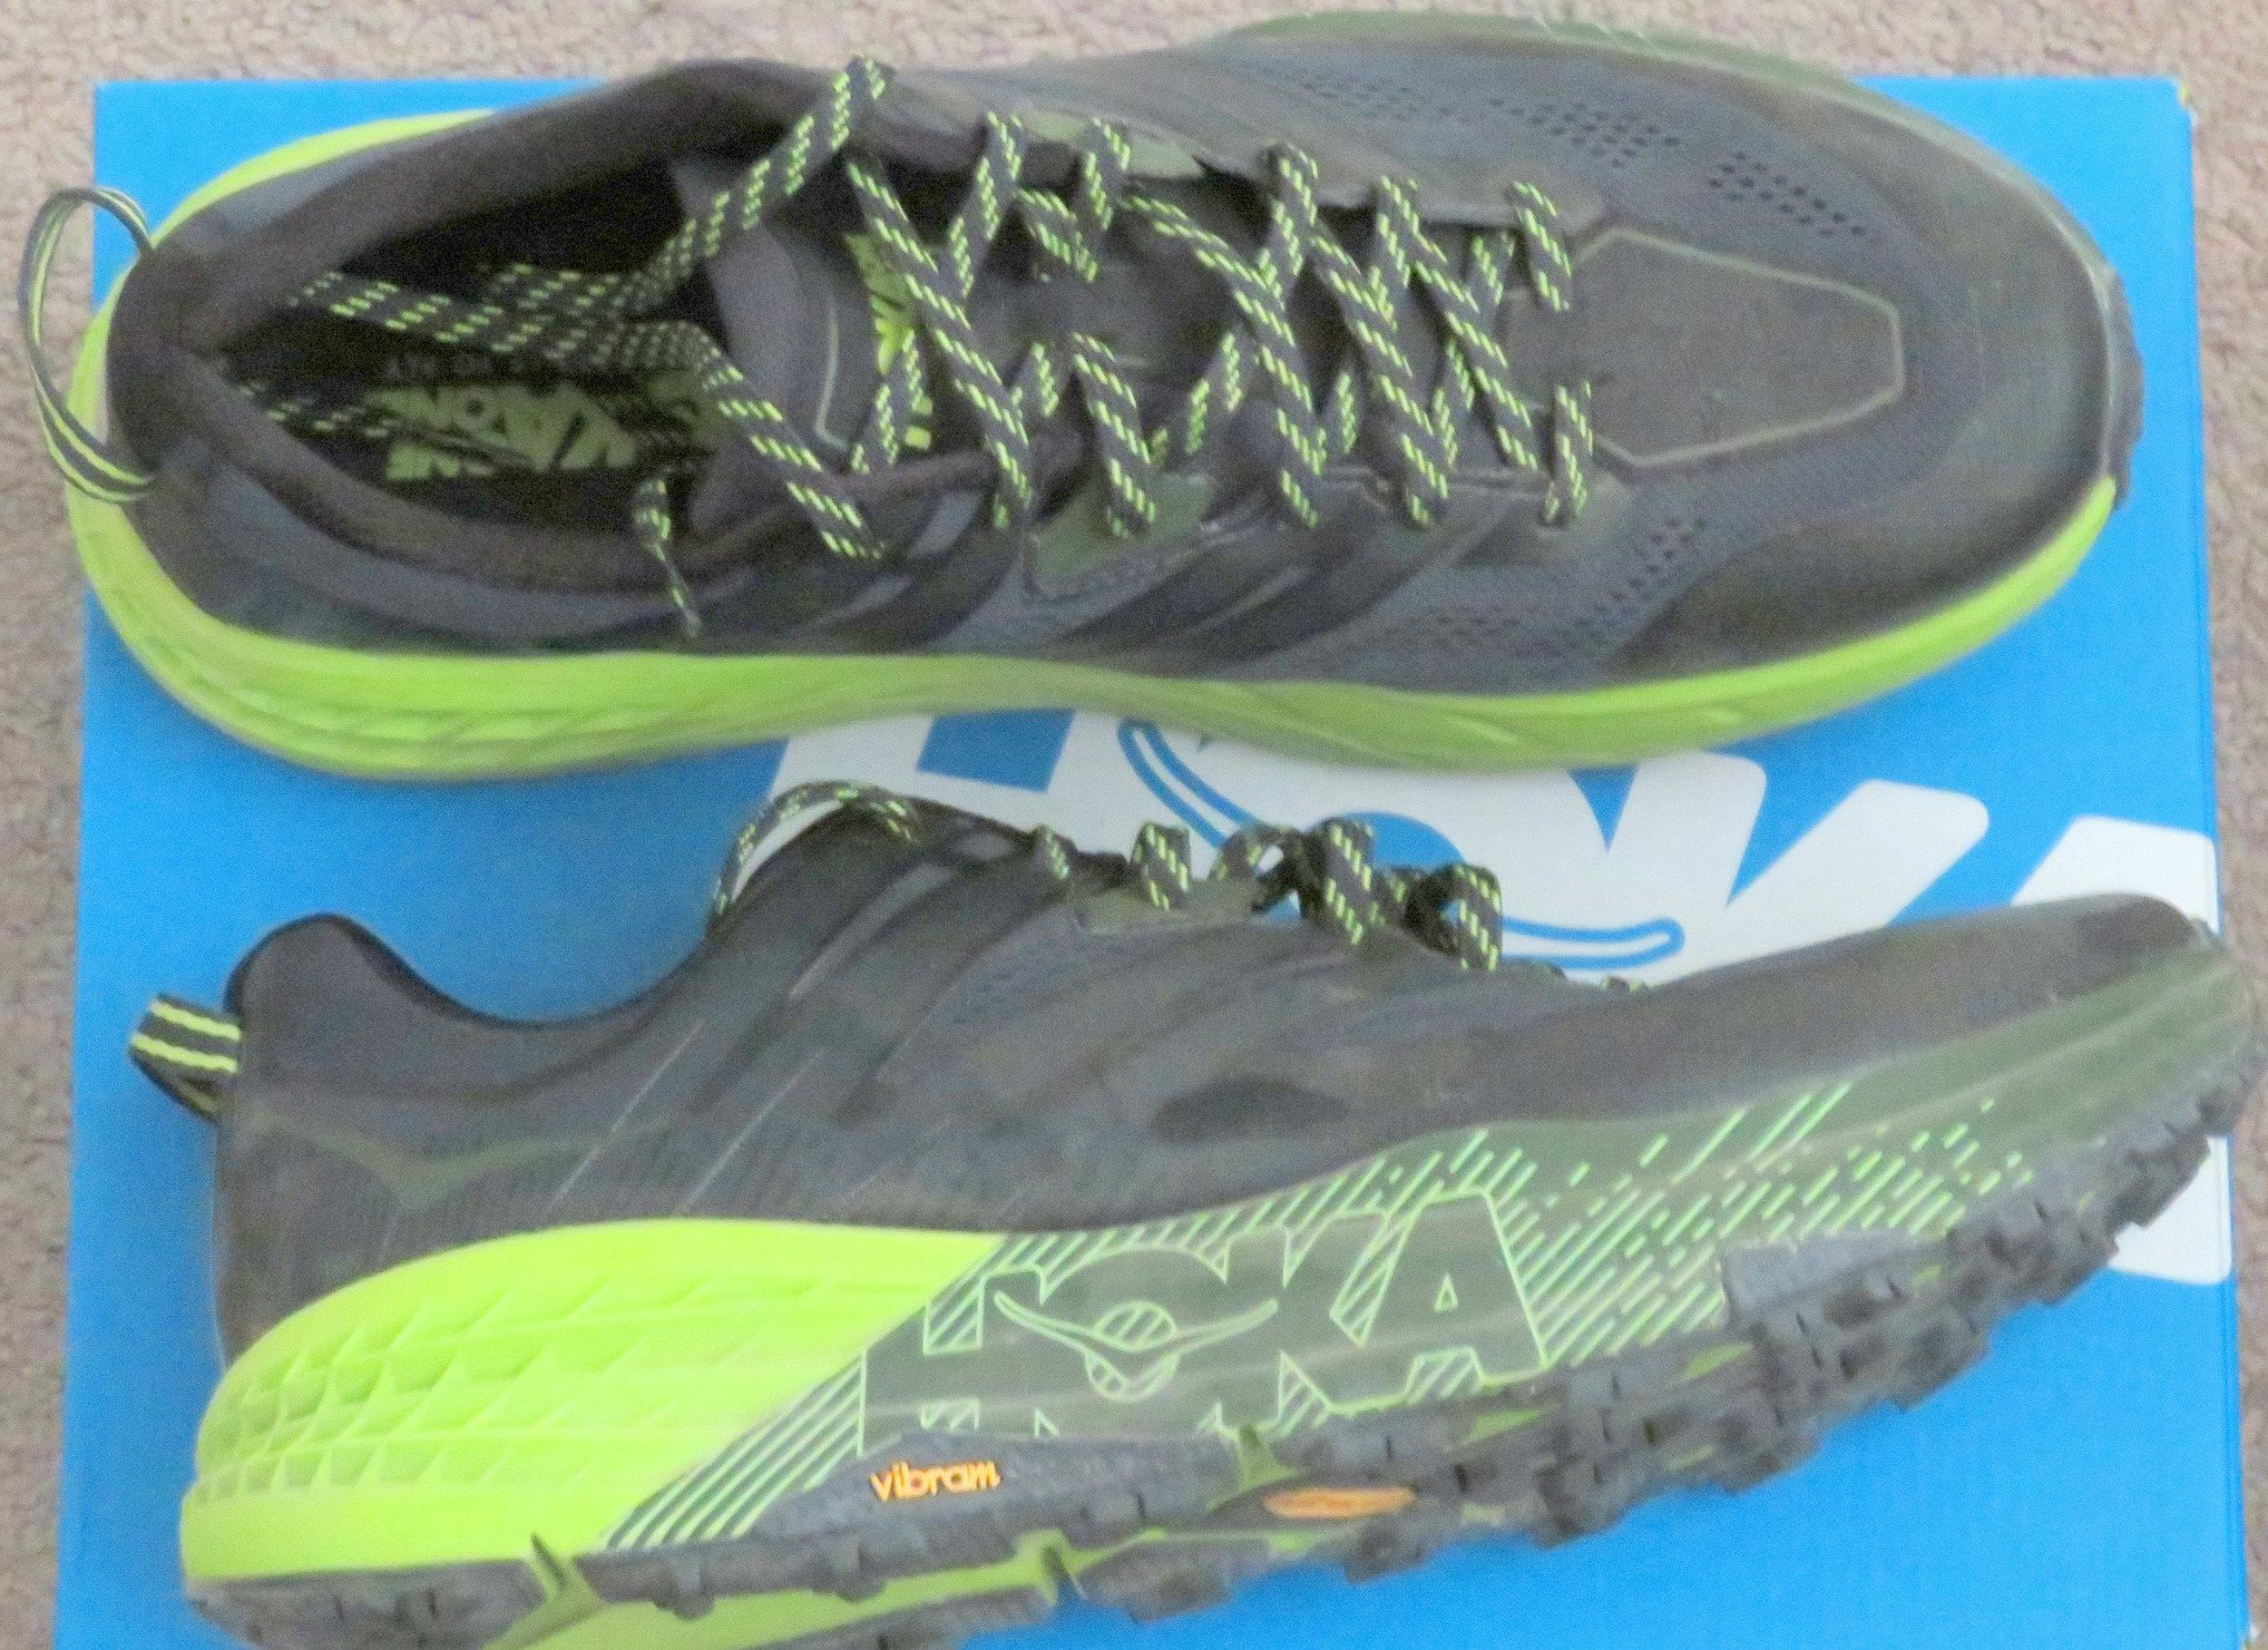 David's new Hoka One One trail runners